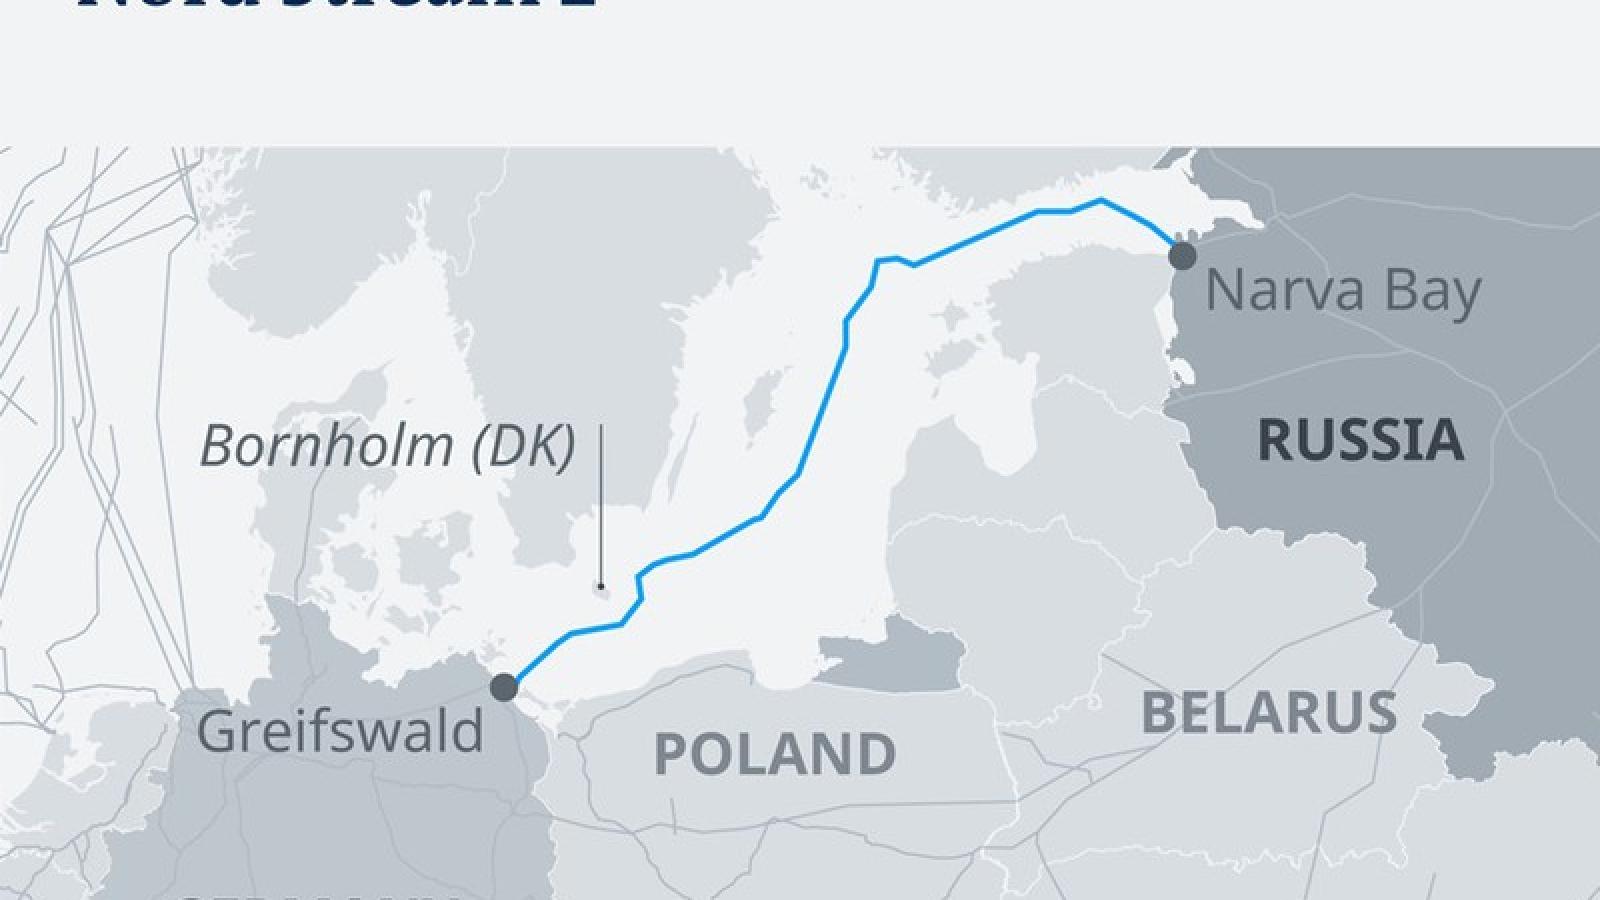 Đức, Nga phản đối Mỹ đe dọa trừng phạt dự án Dòng chảy phương Bắc 2